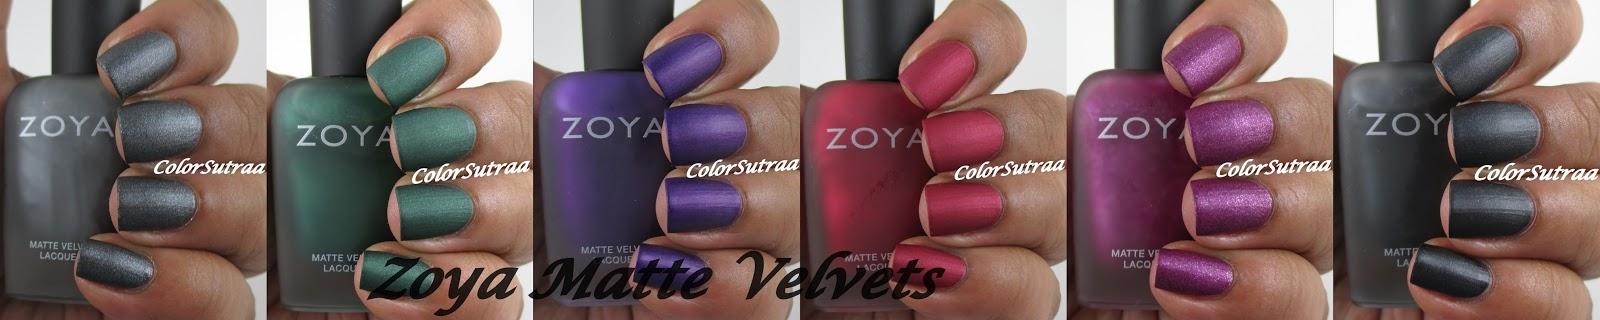 Zoya-Matte-Velvet-collection